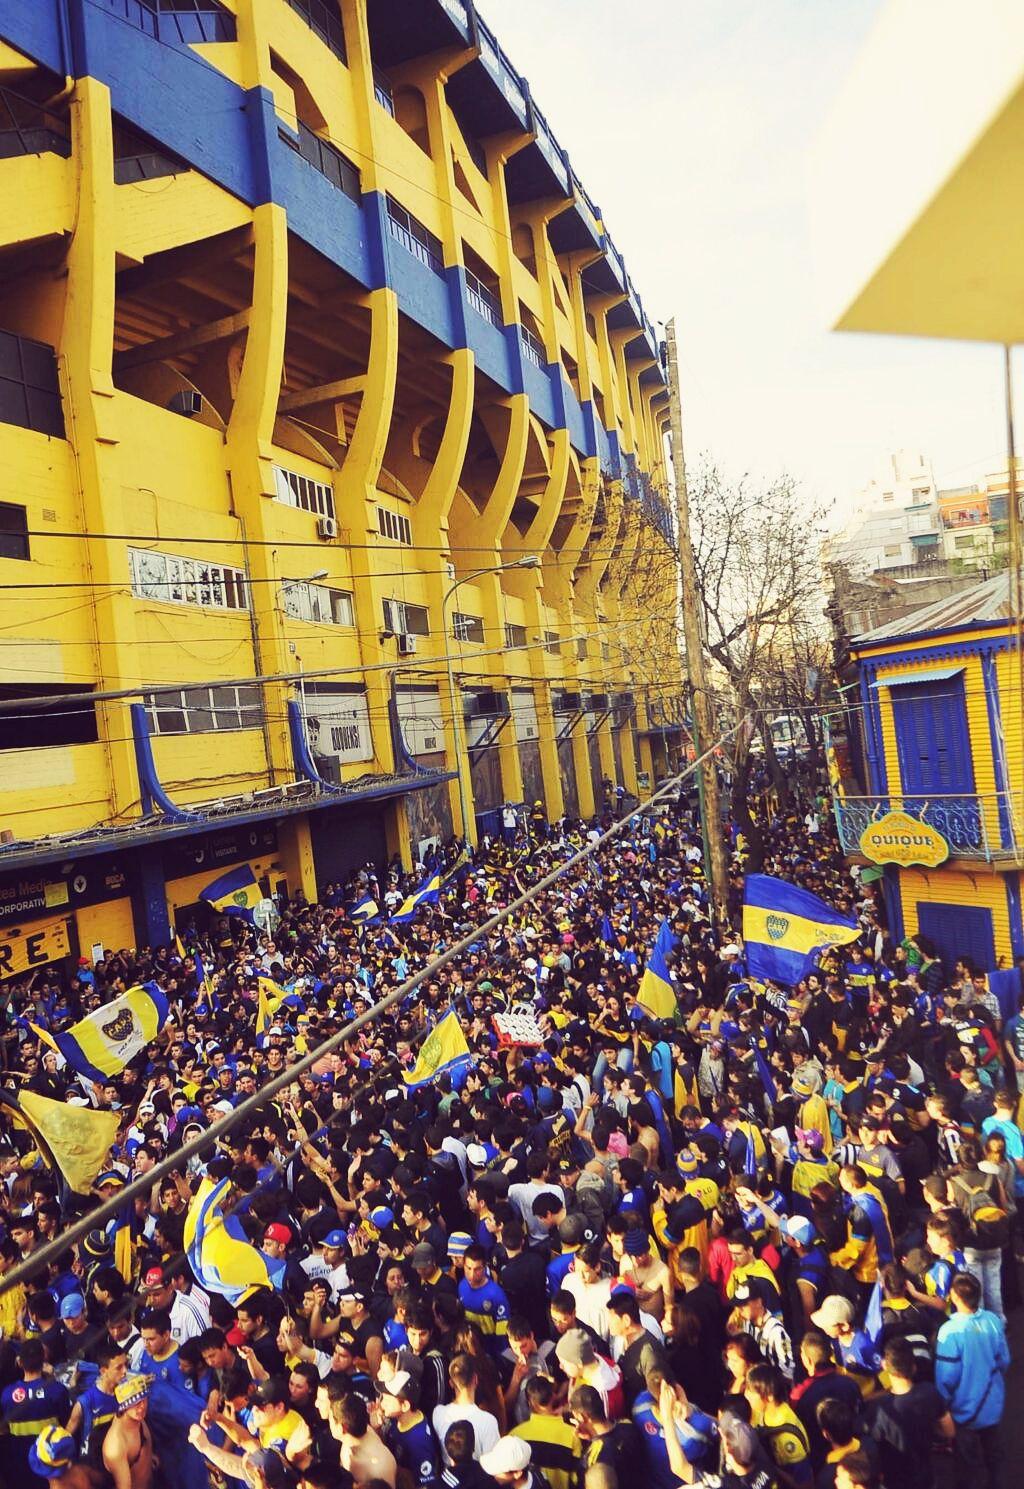 bombonera boca juniors migliori stadi mondo sondaggio marca 2020